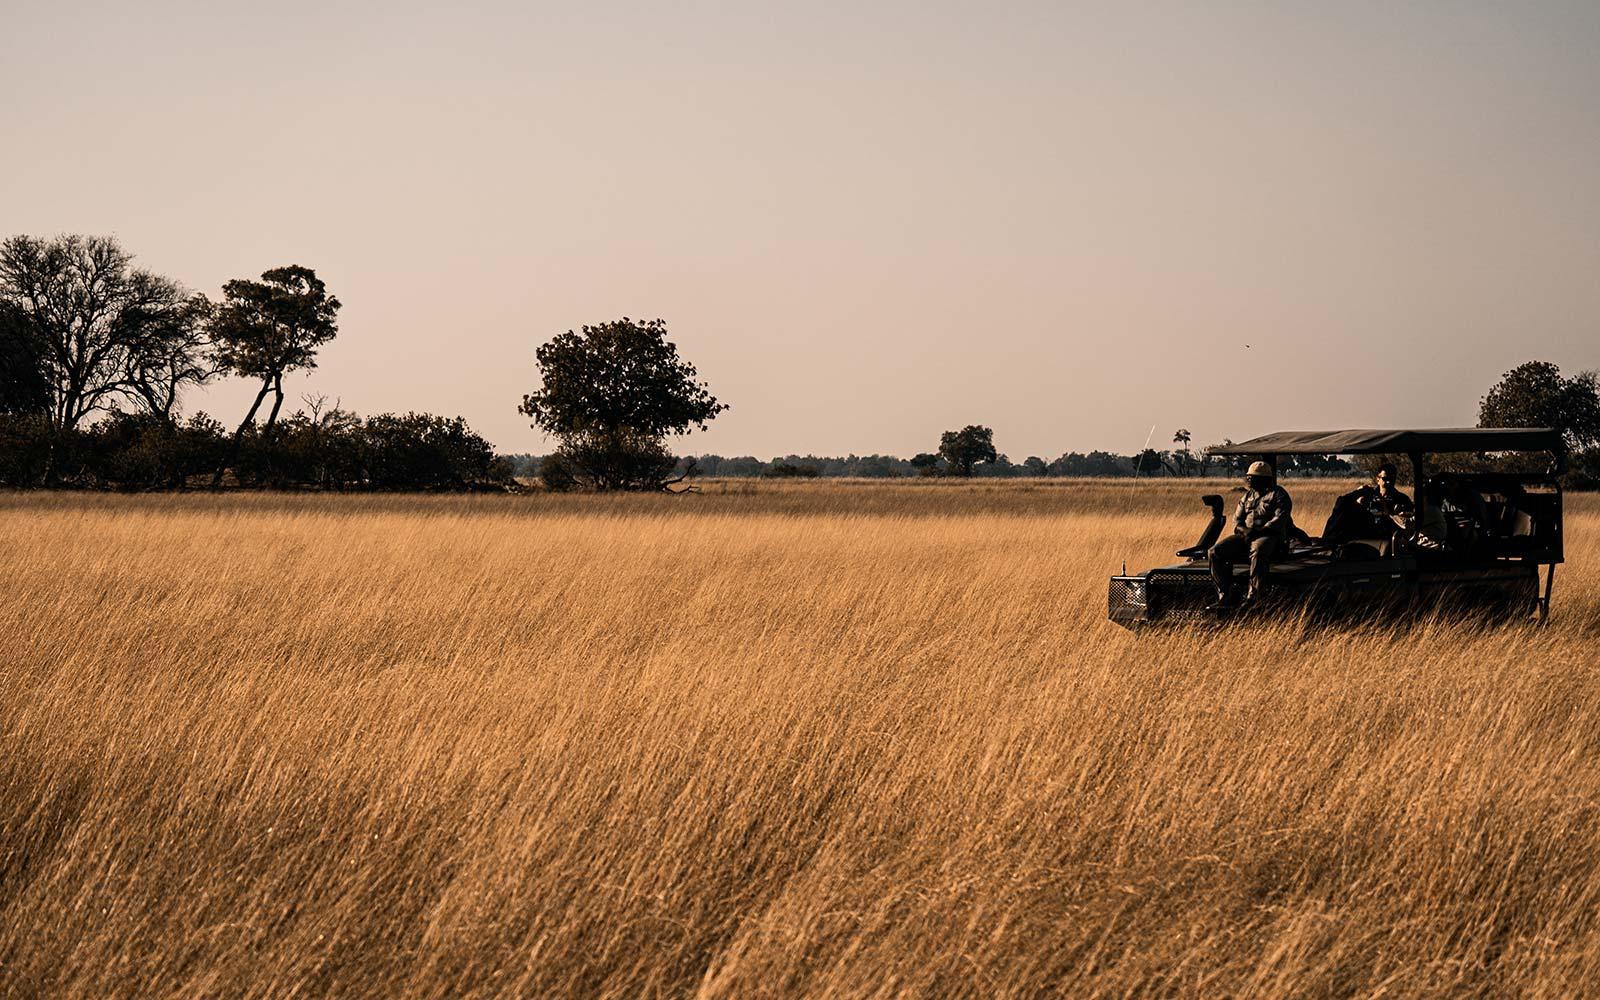 Fields of grain in Botswana, South Africa